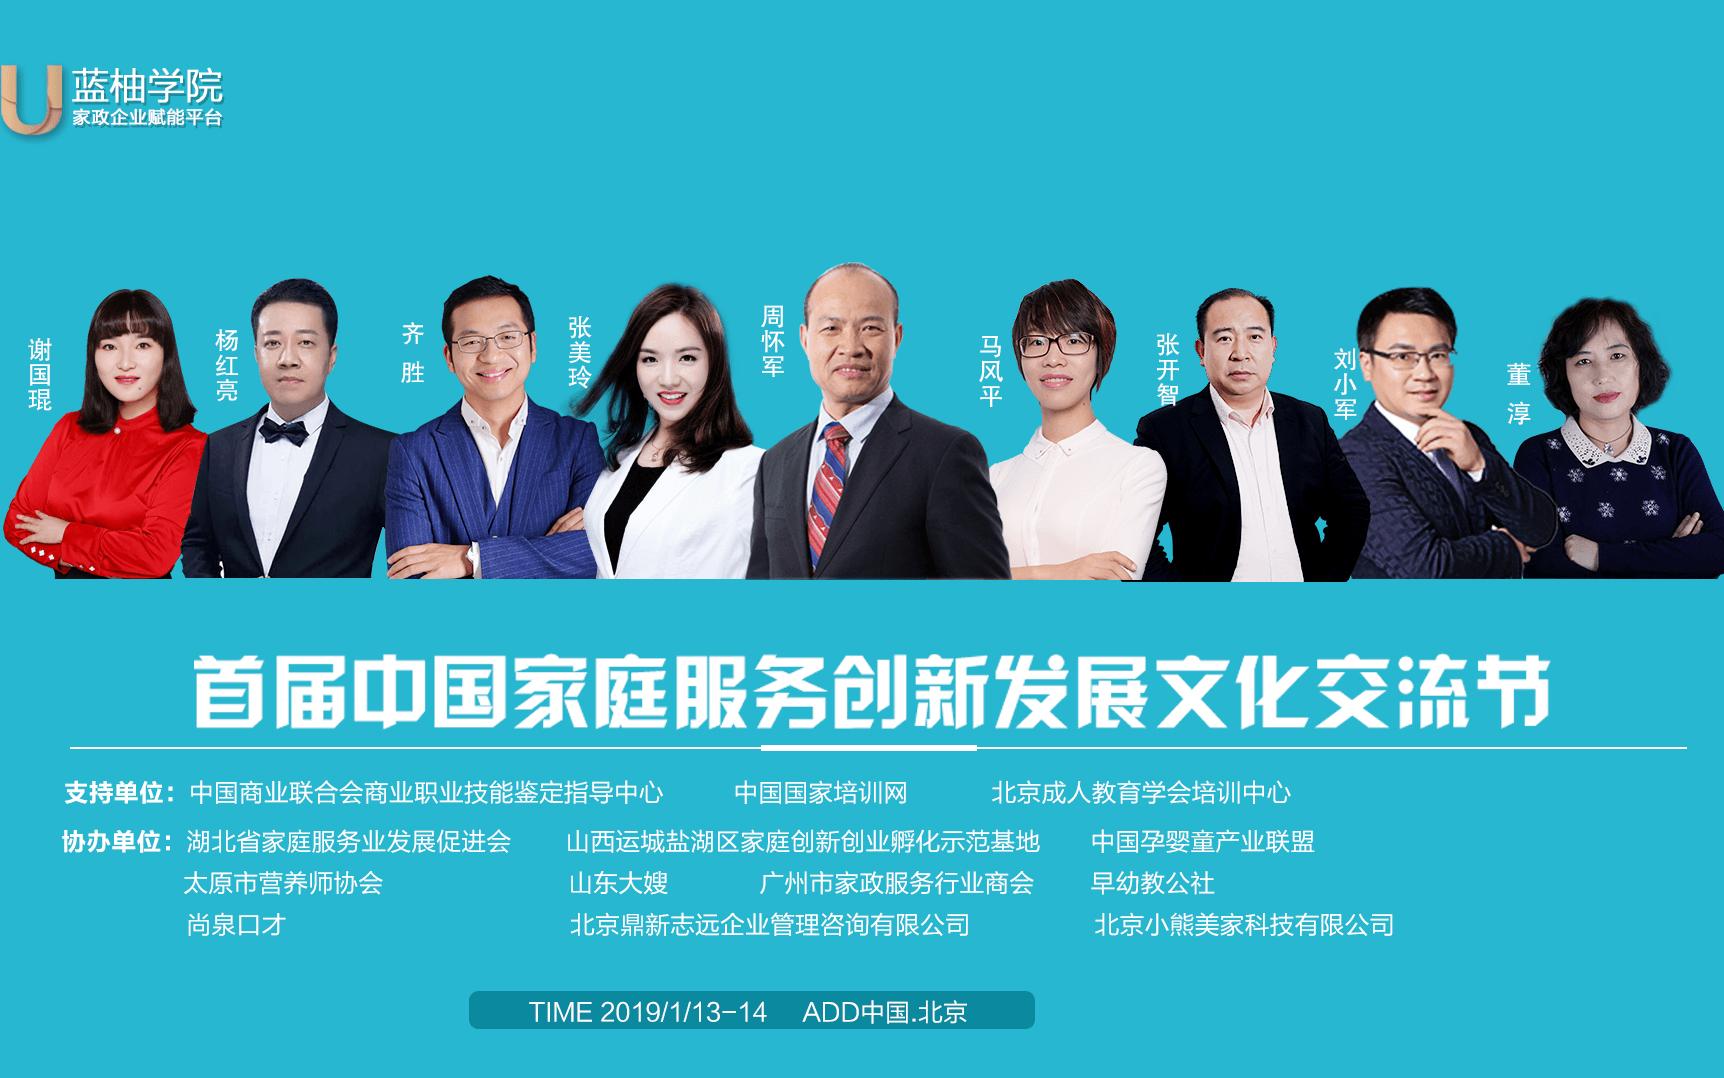 首届中国家庭服务创新发展文化交流节2019(北京)